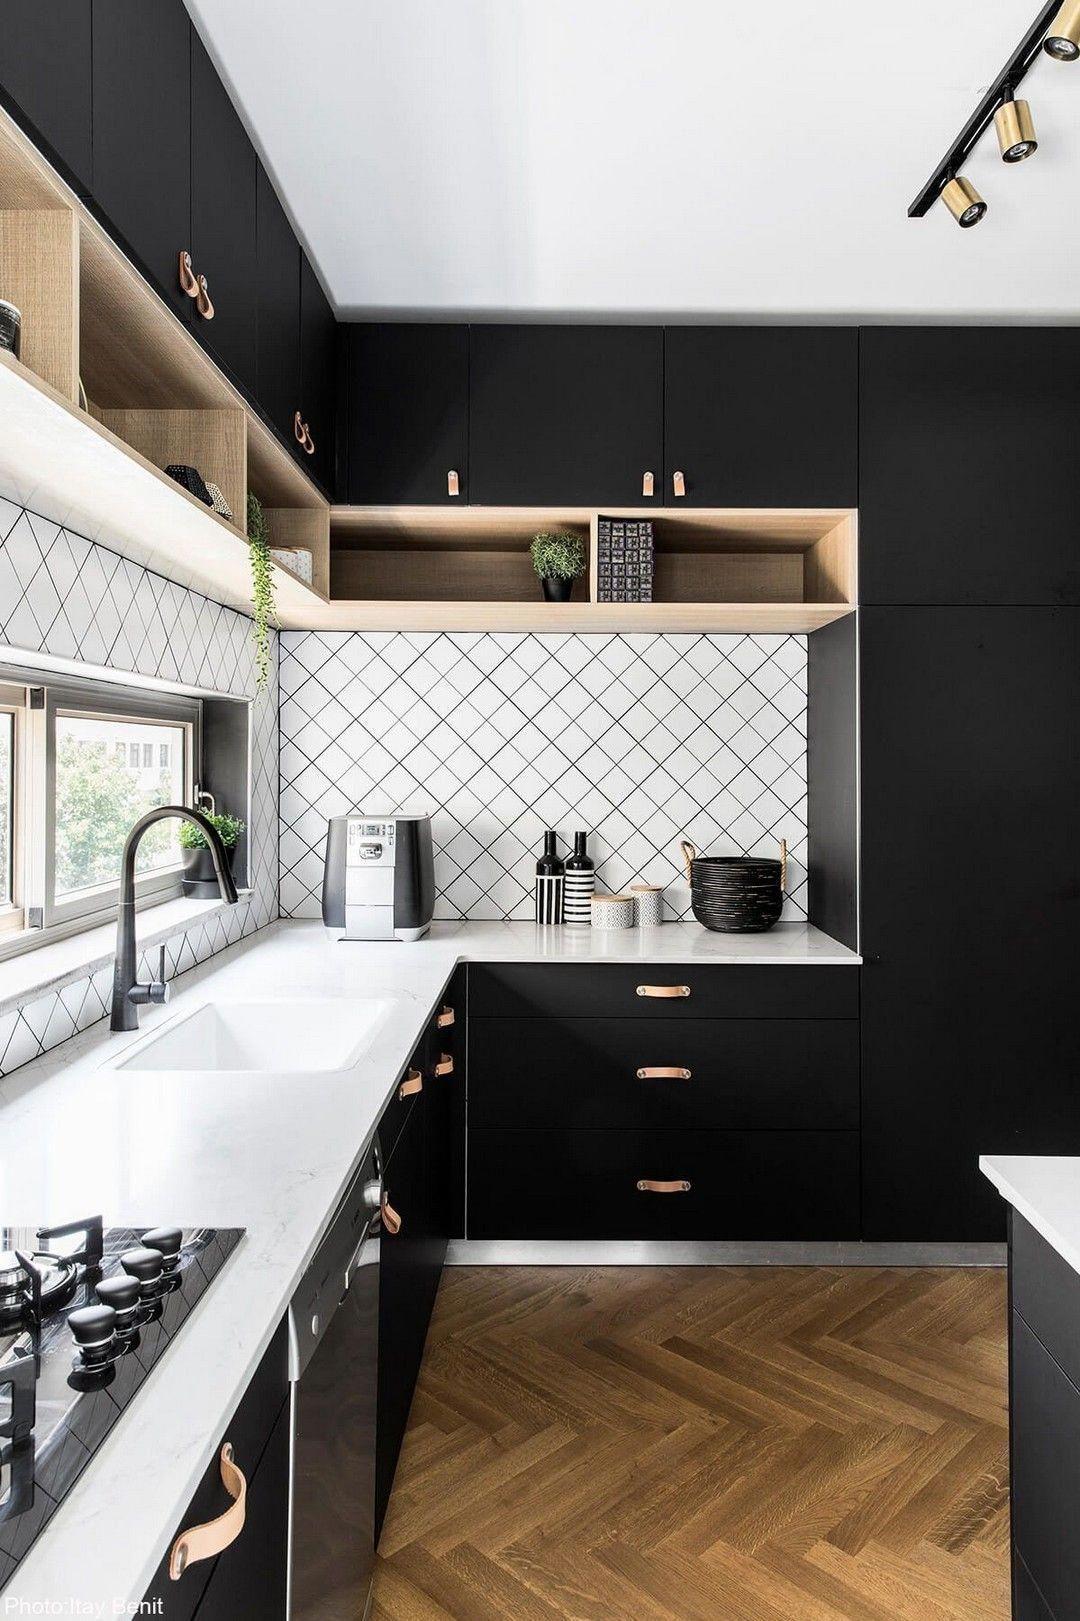 The 39 Best Black Kitchens Kitchen Trends You Need To See In 2020 Kuche Schwarz Innenarchitektur Kuche Kuchen Design